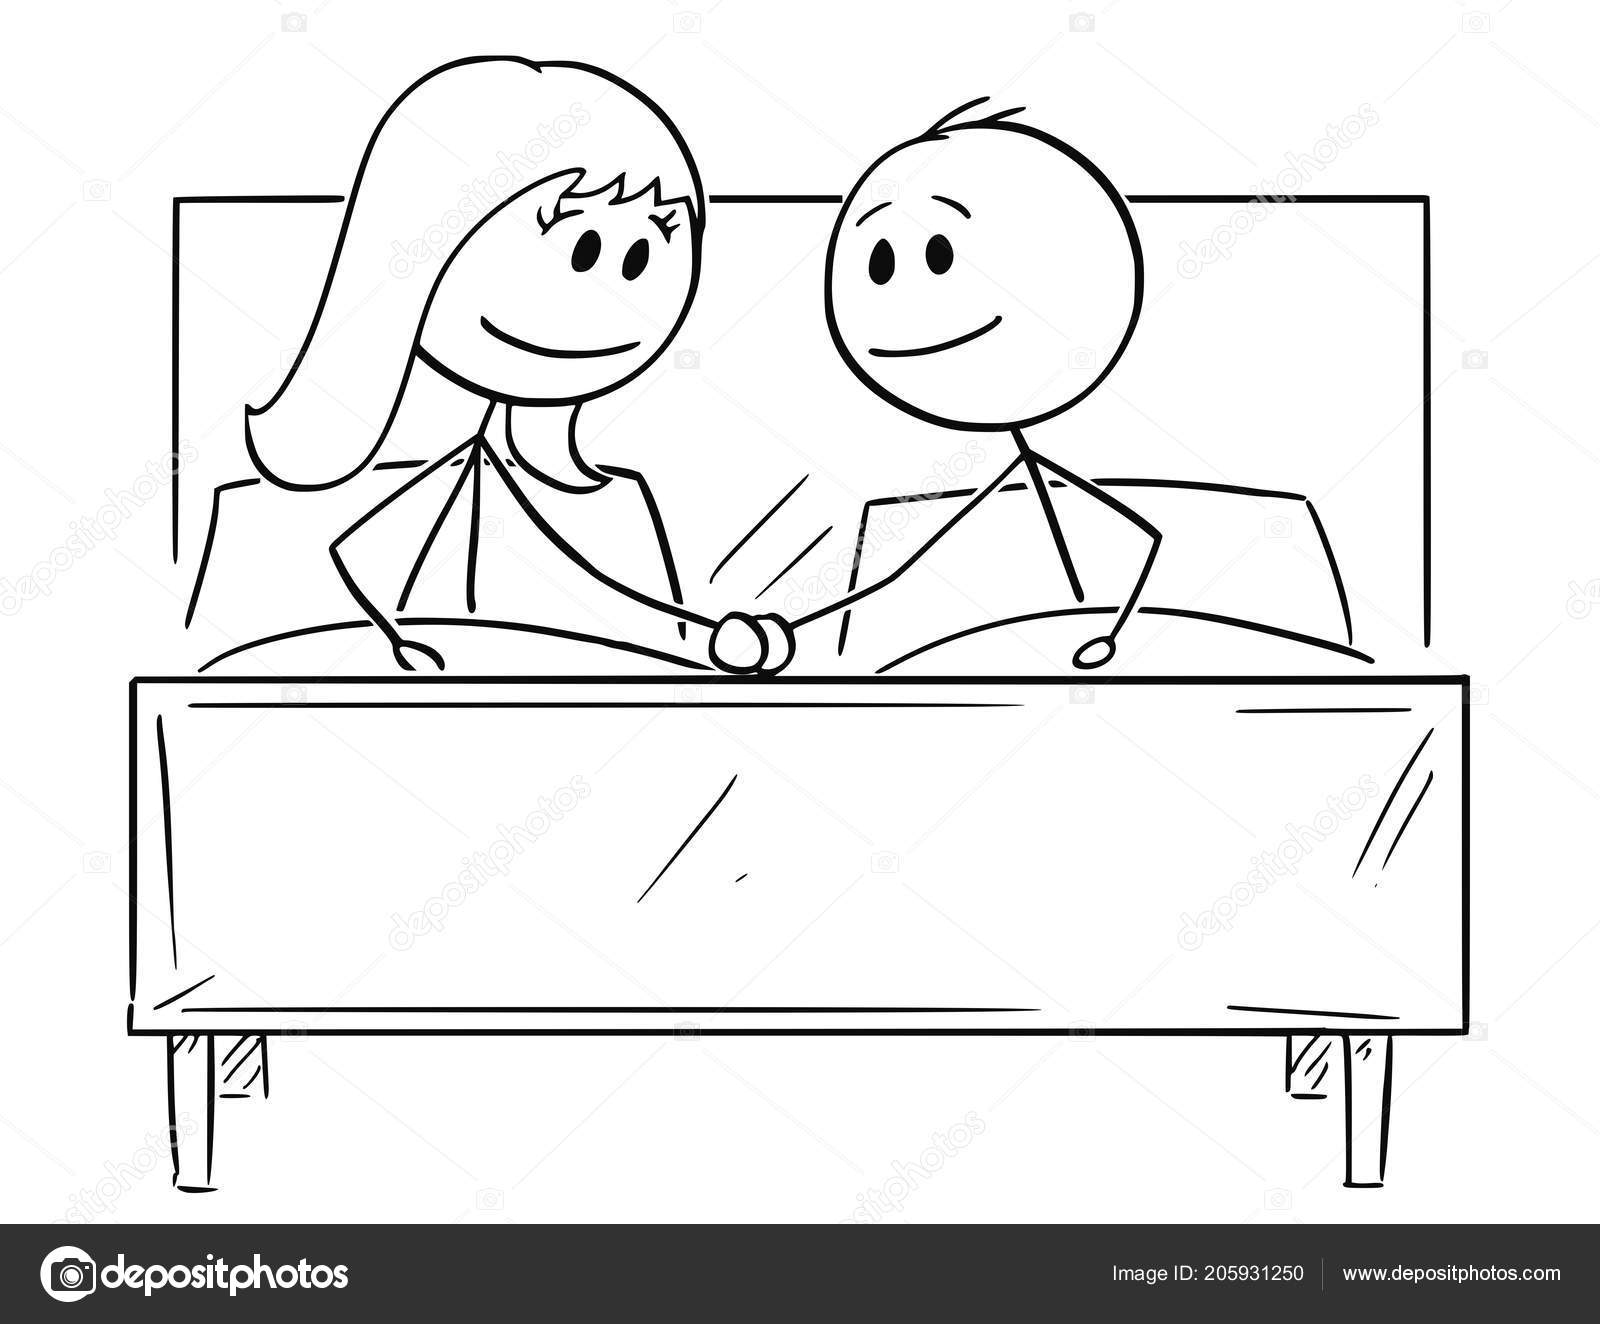 karikatúra Gay chlapec sex čierny kohút veľké gule